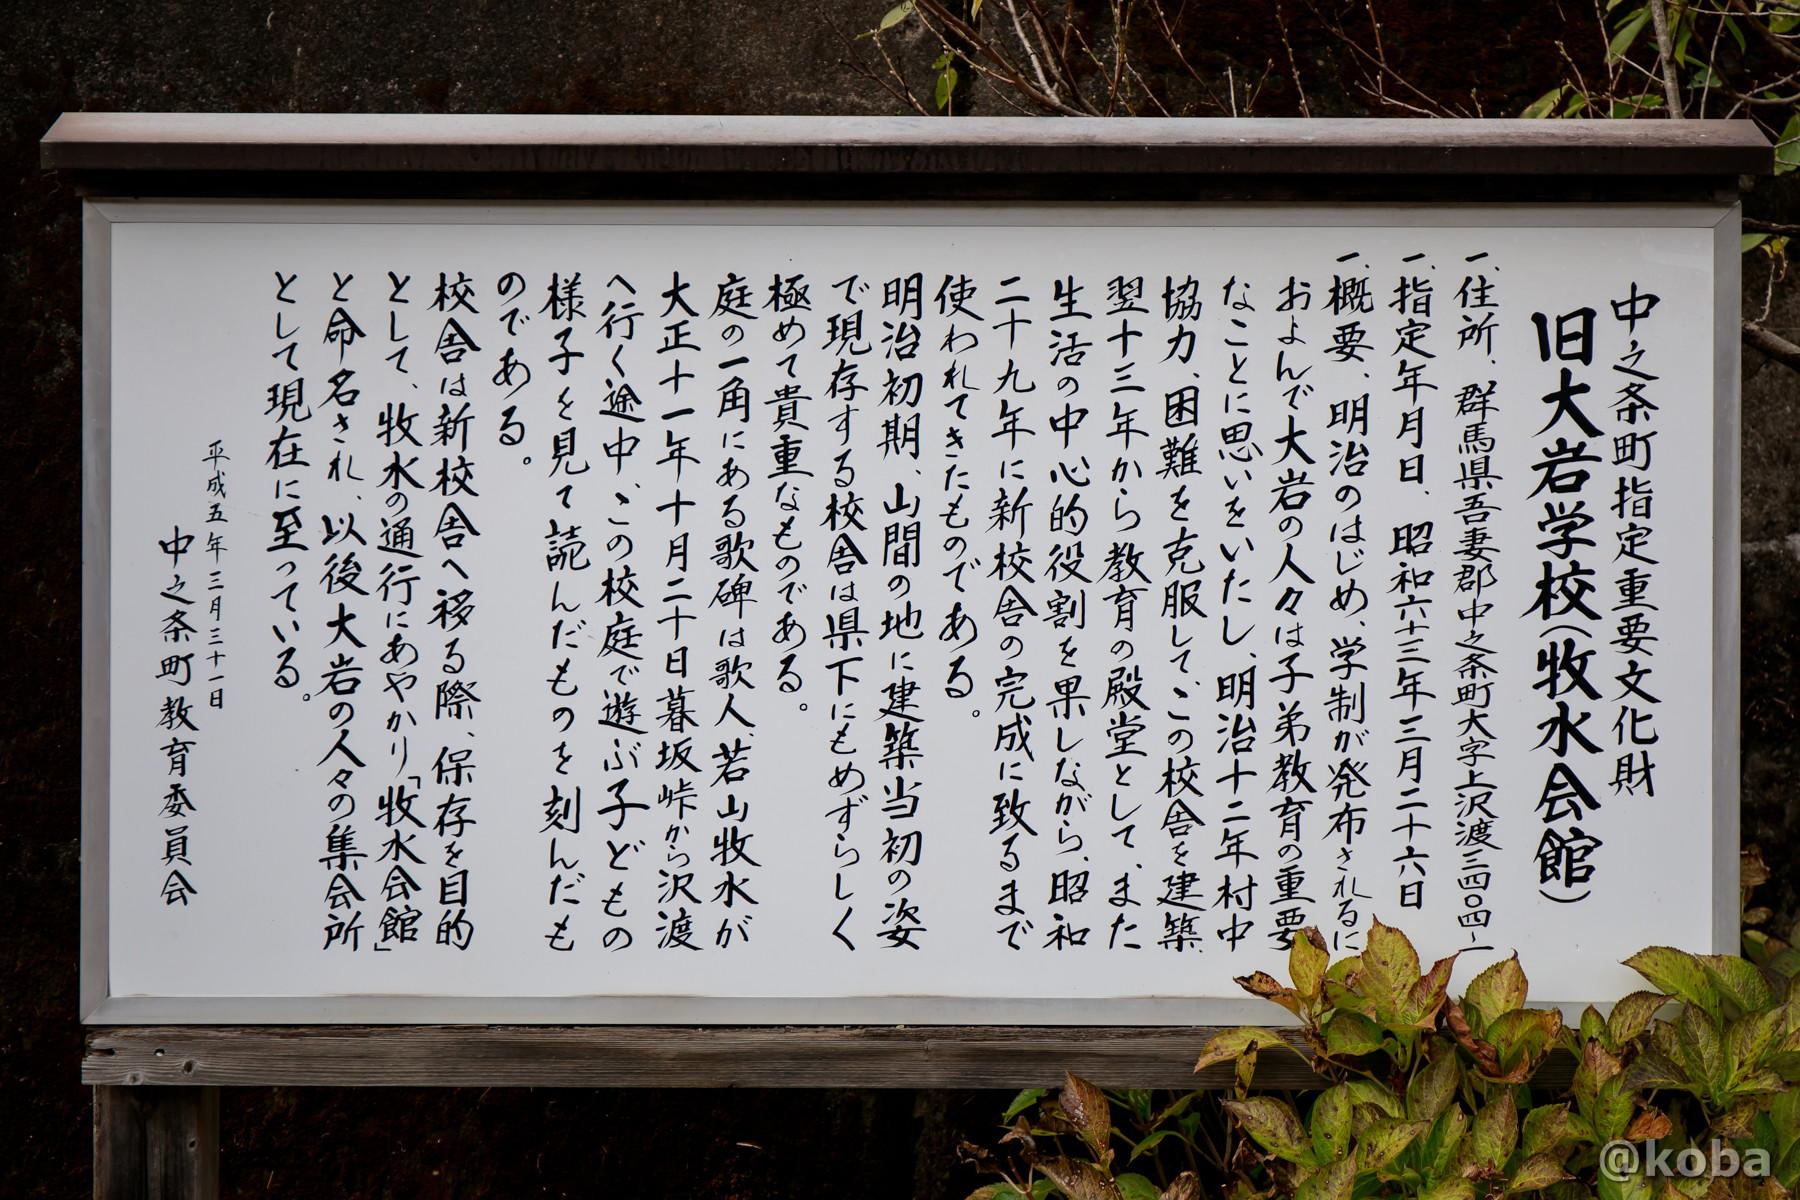 説明看板の写真│牧水会館(ぼくすいかいかん)旧大石学校│群馬県 ブログ